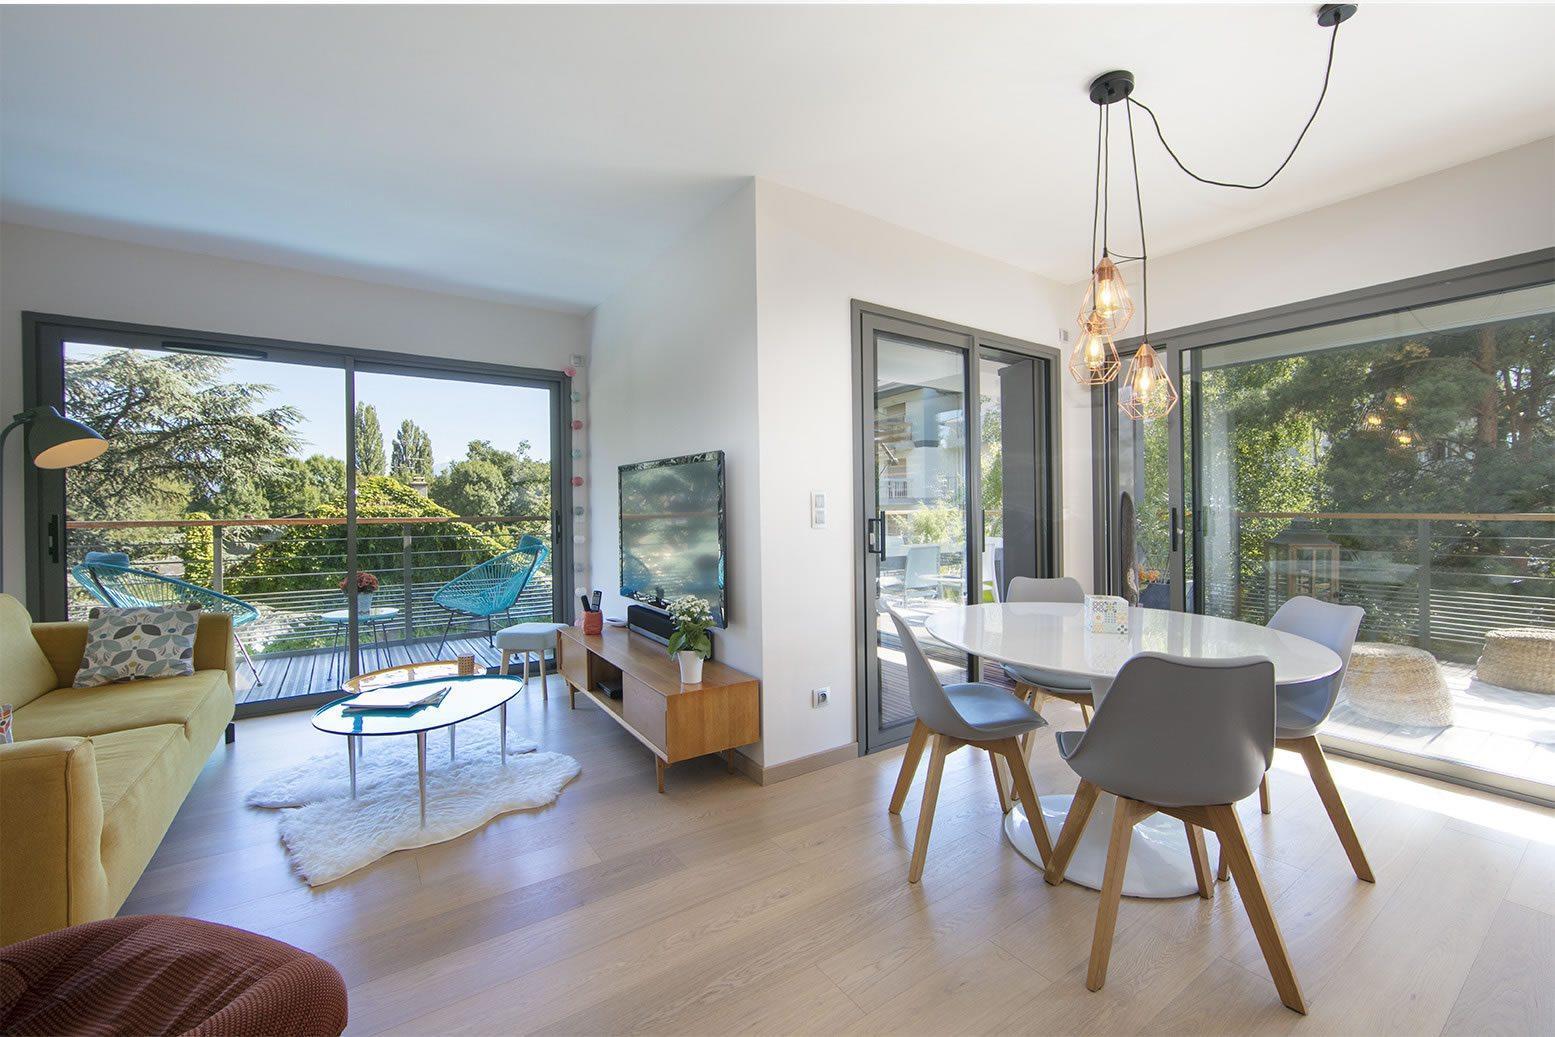 appartement de standing de 100 m2 vendre albigny annecy le vieux 3 chambres terrasse. Black Bedroom Furniture Sets. Home Design Ideas